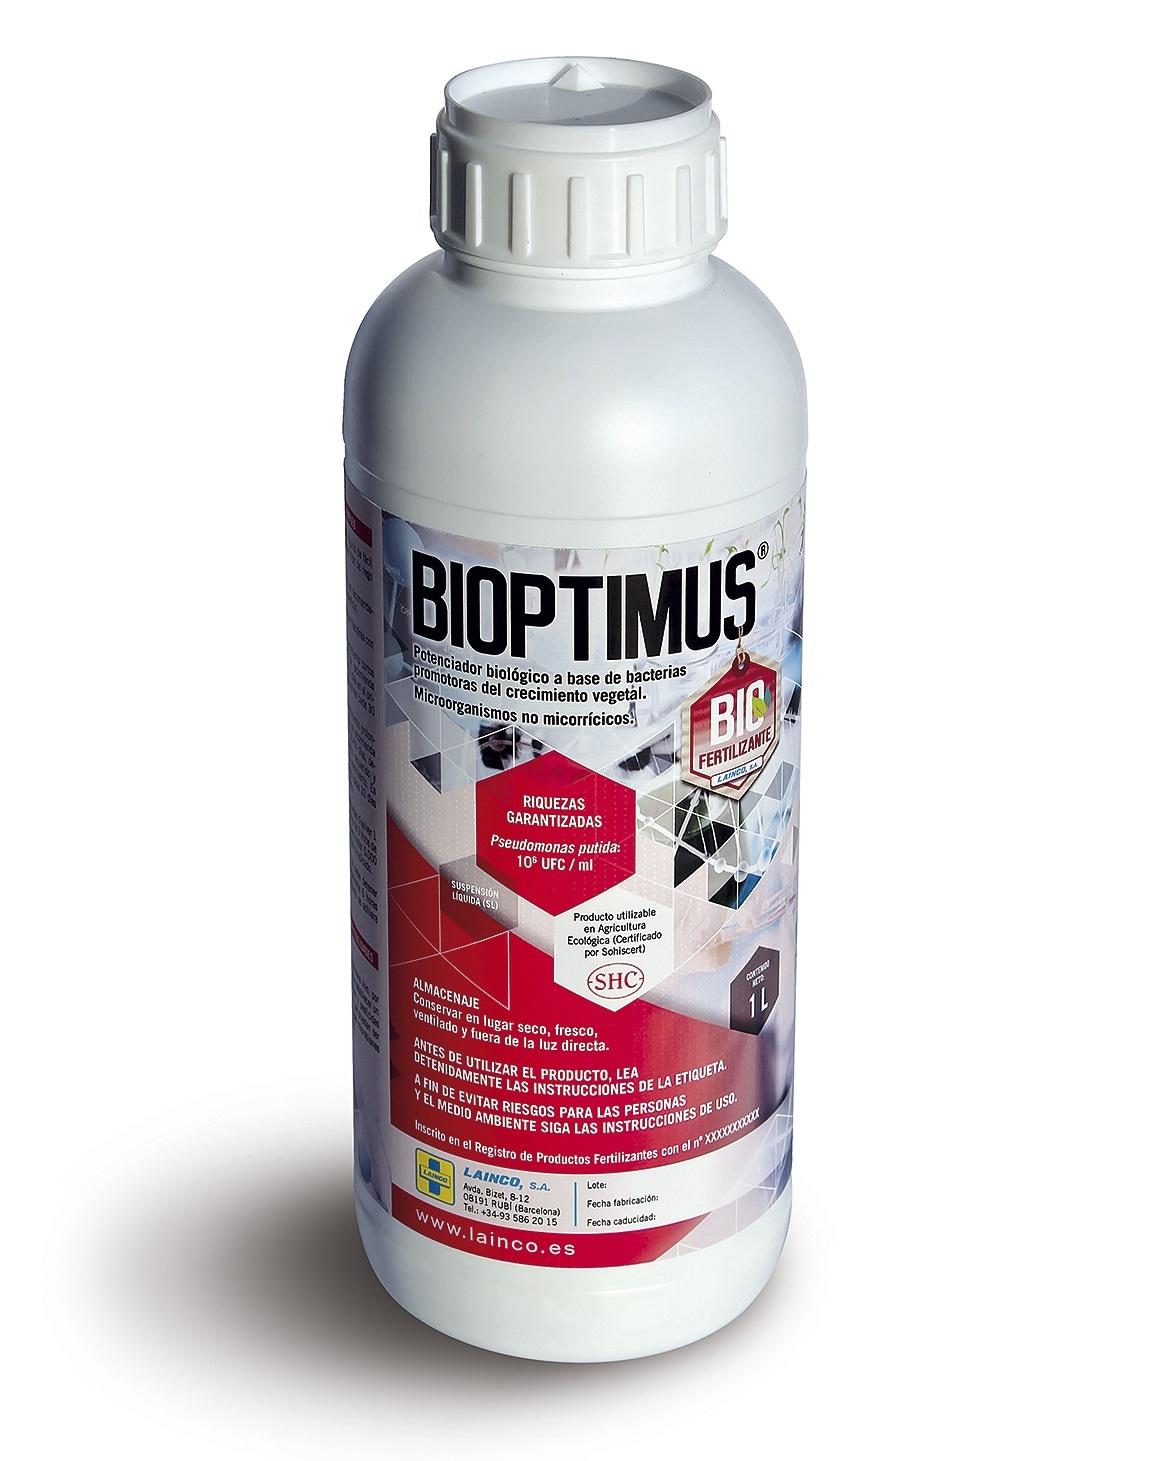 BIOPTIMUS rizobacteria promotora de producción